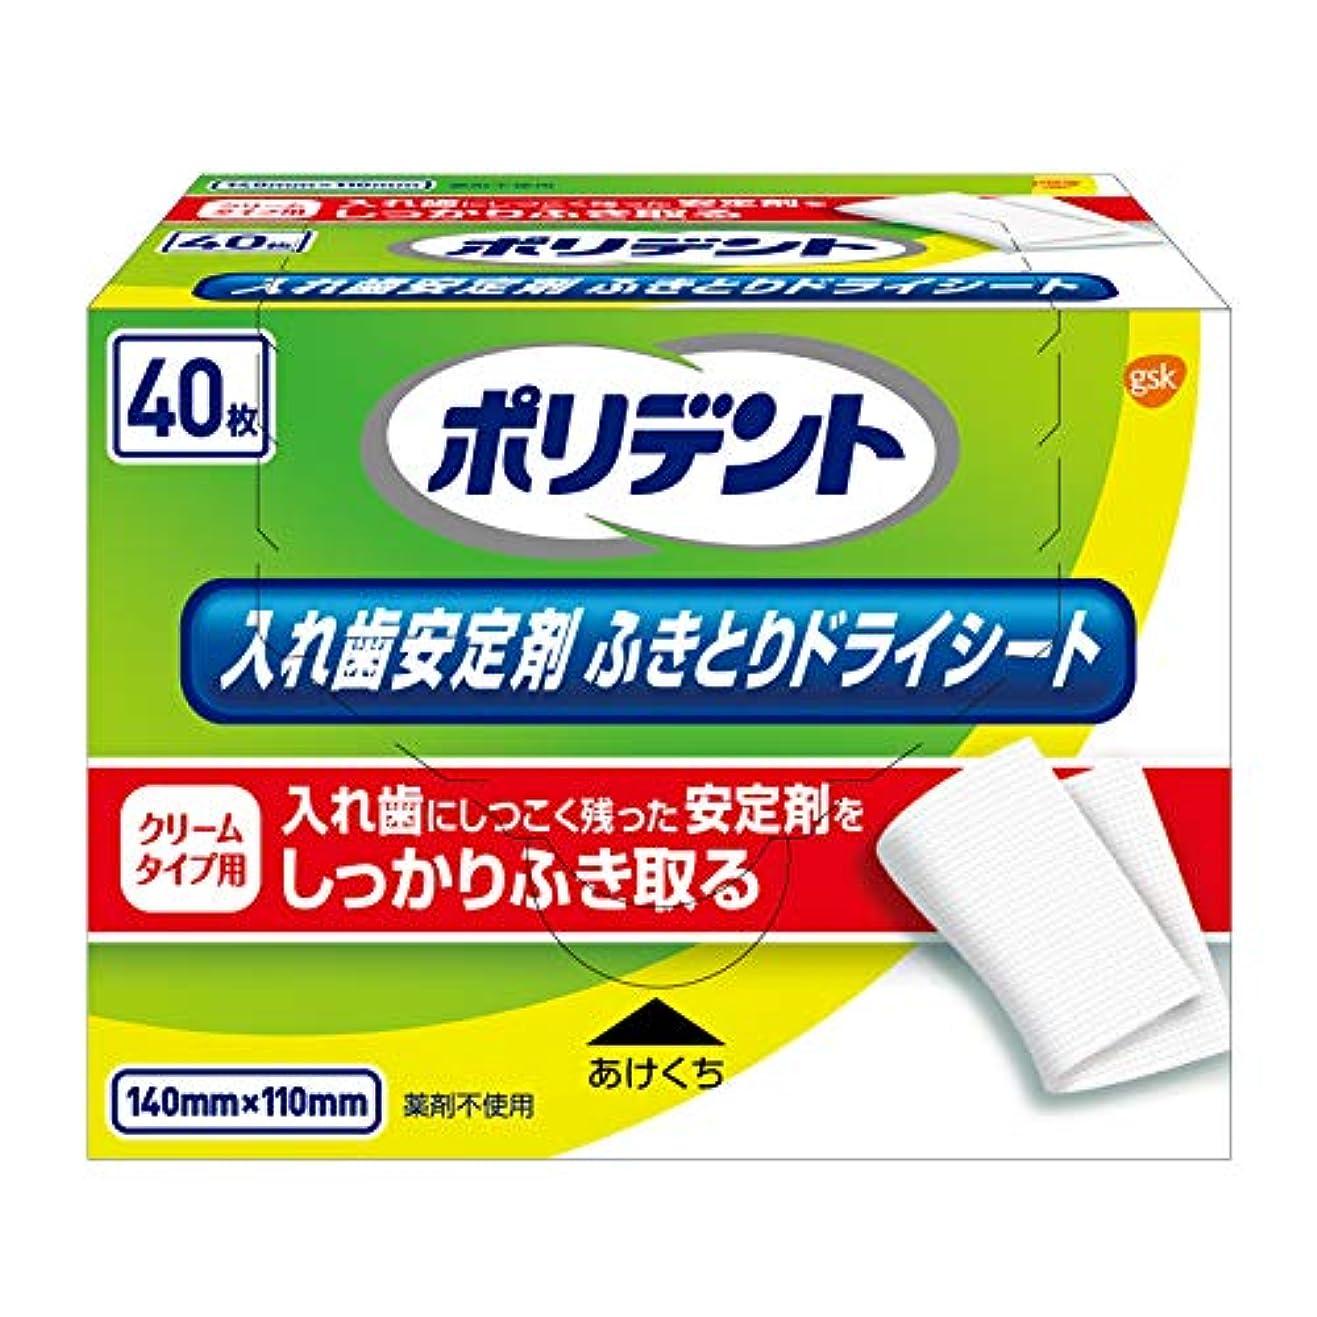 格納リー十億ポリデント 入れ歯安定剤ふきとりドライシート 40枚